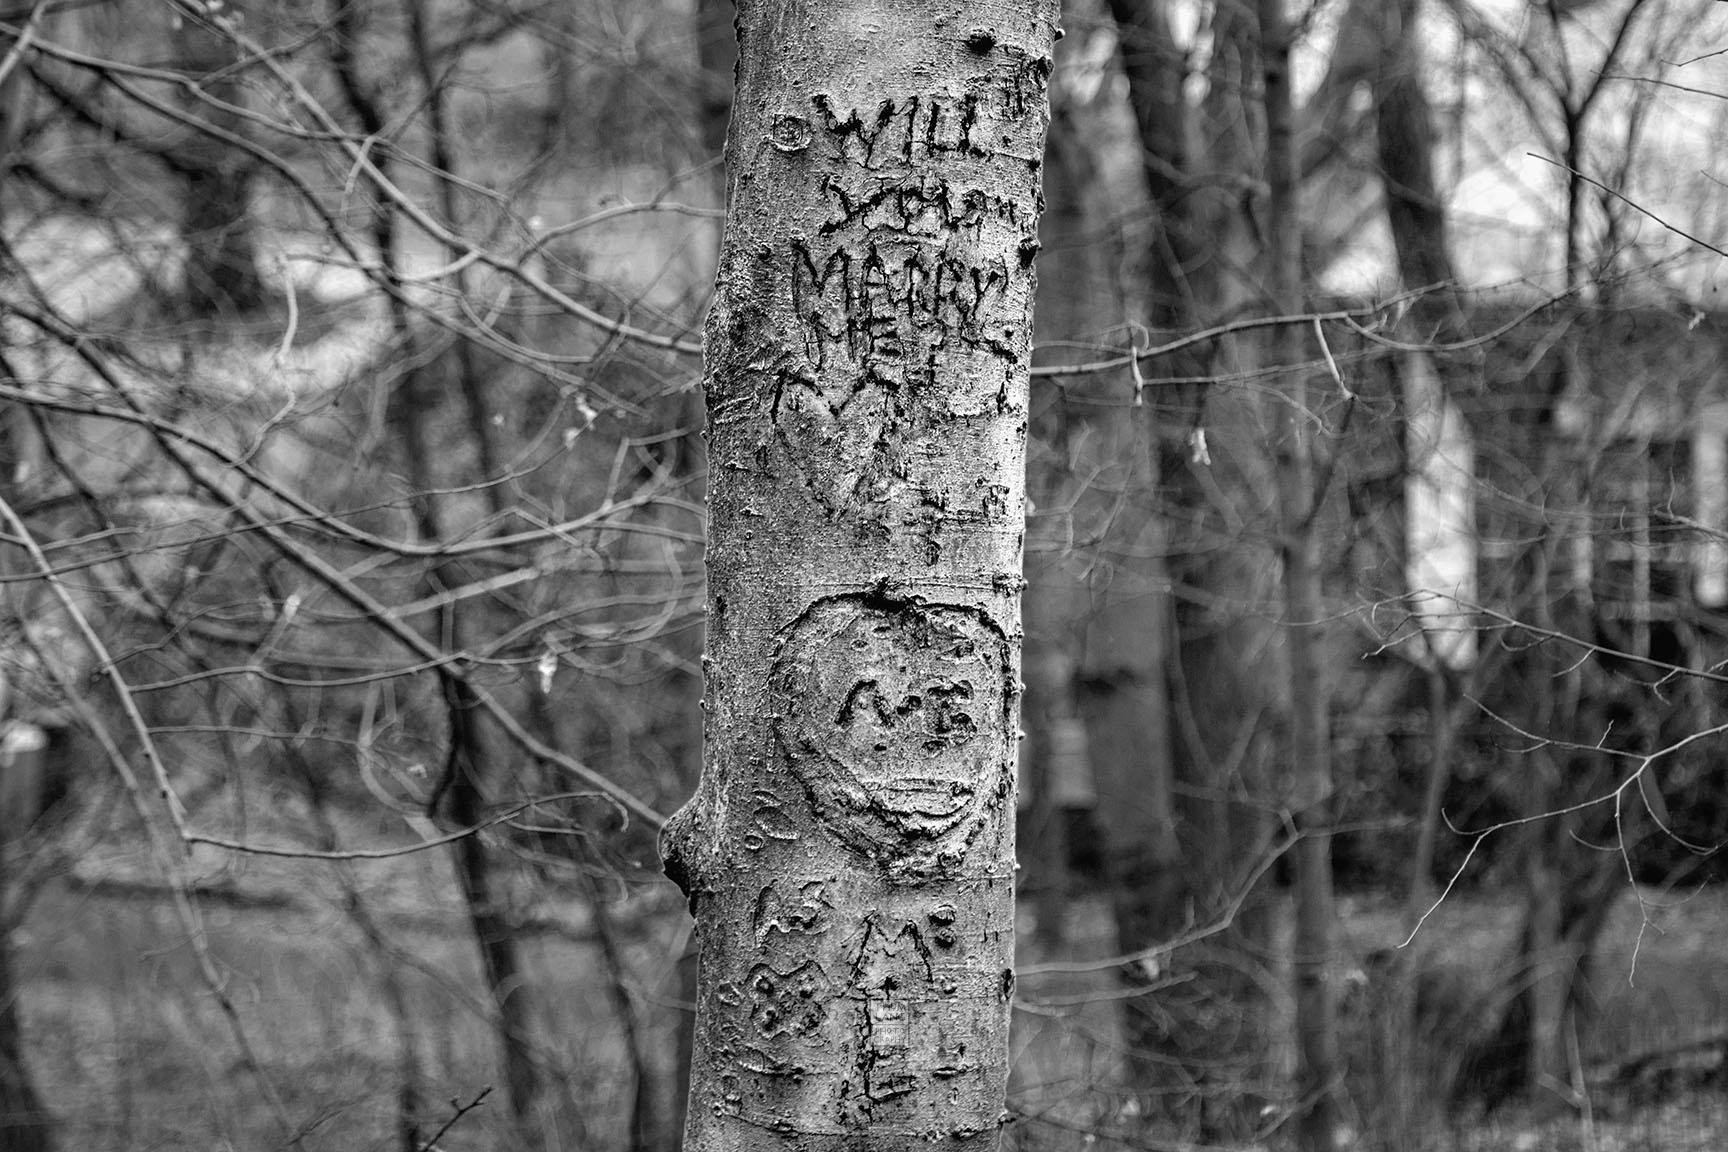 37_Tattoo Tree_7394-BLOG